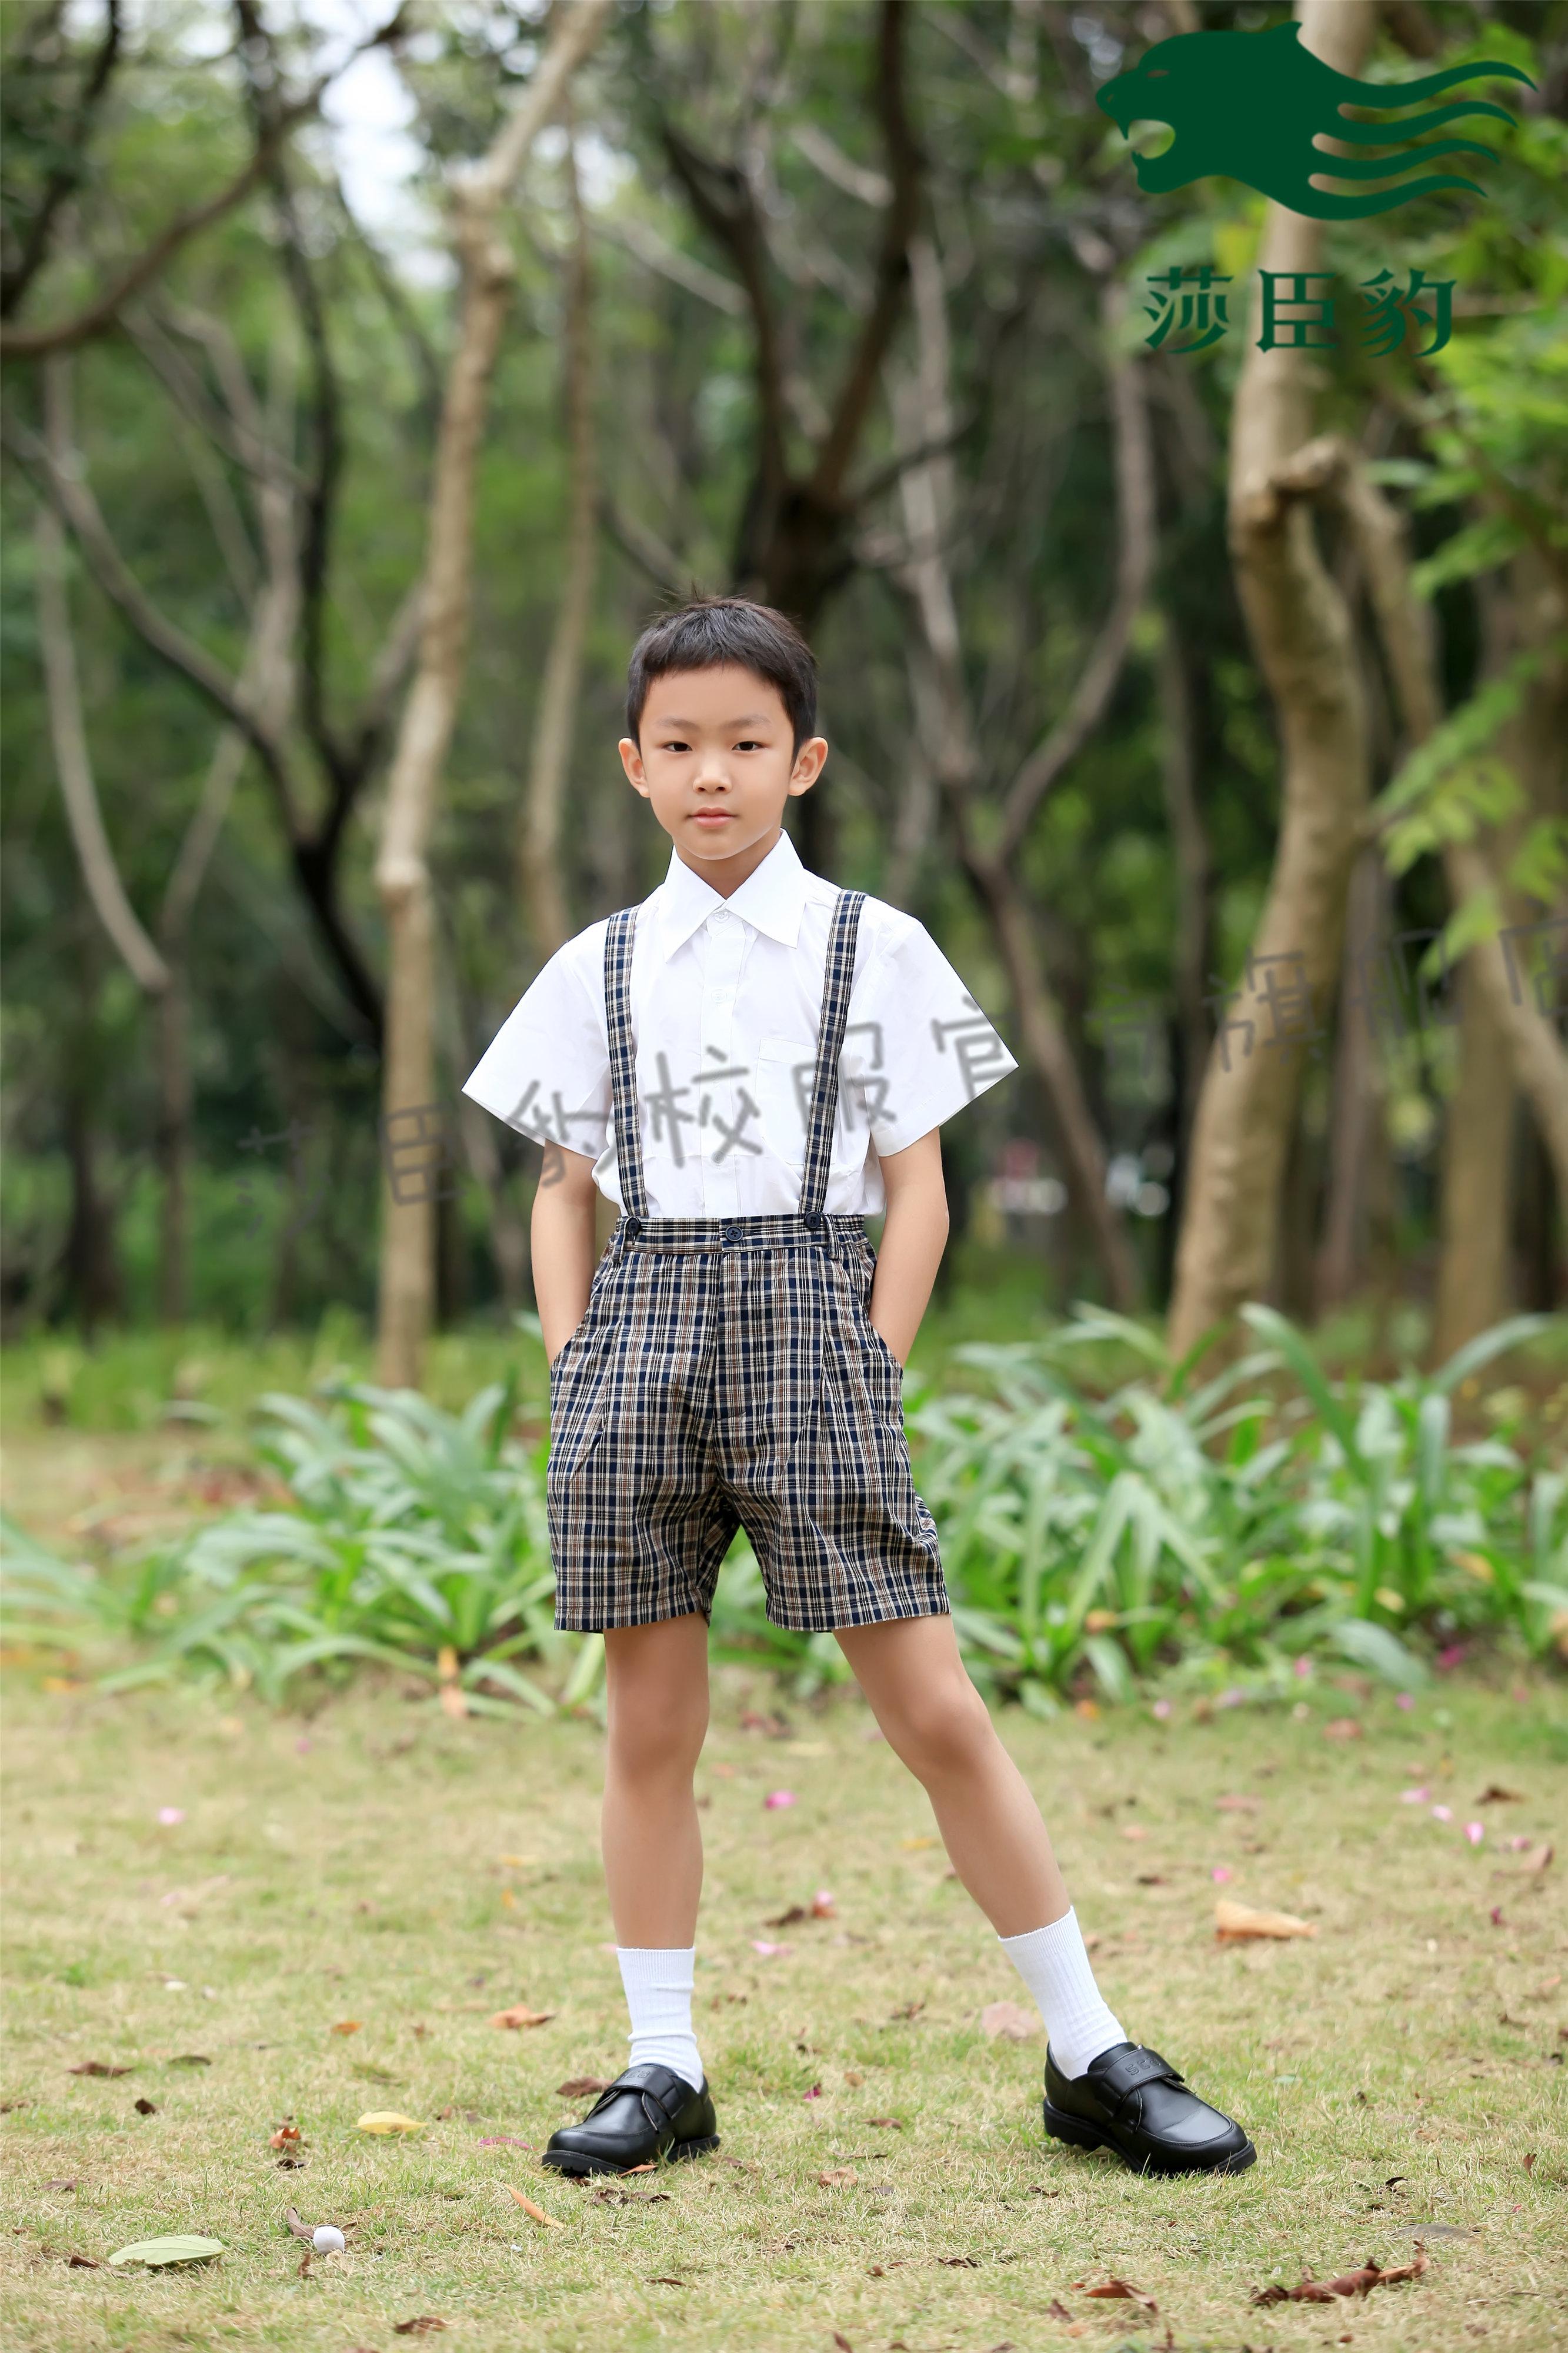 Темно Шеньчженьская школьная форма Шачен-леопардовая начальная школа мужской необработанный стиль Летнее платье( комплект верх Детский белье)